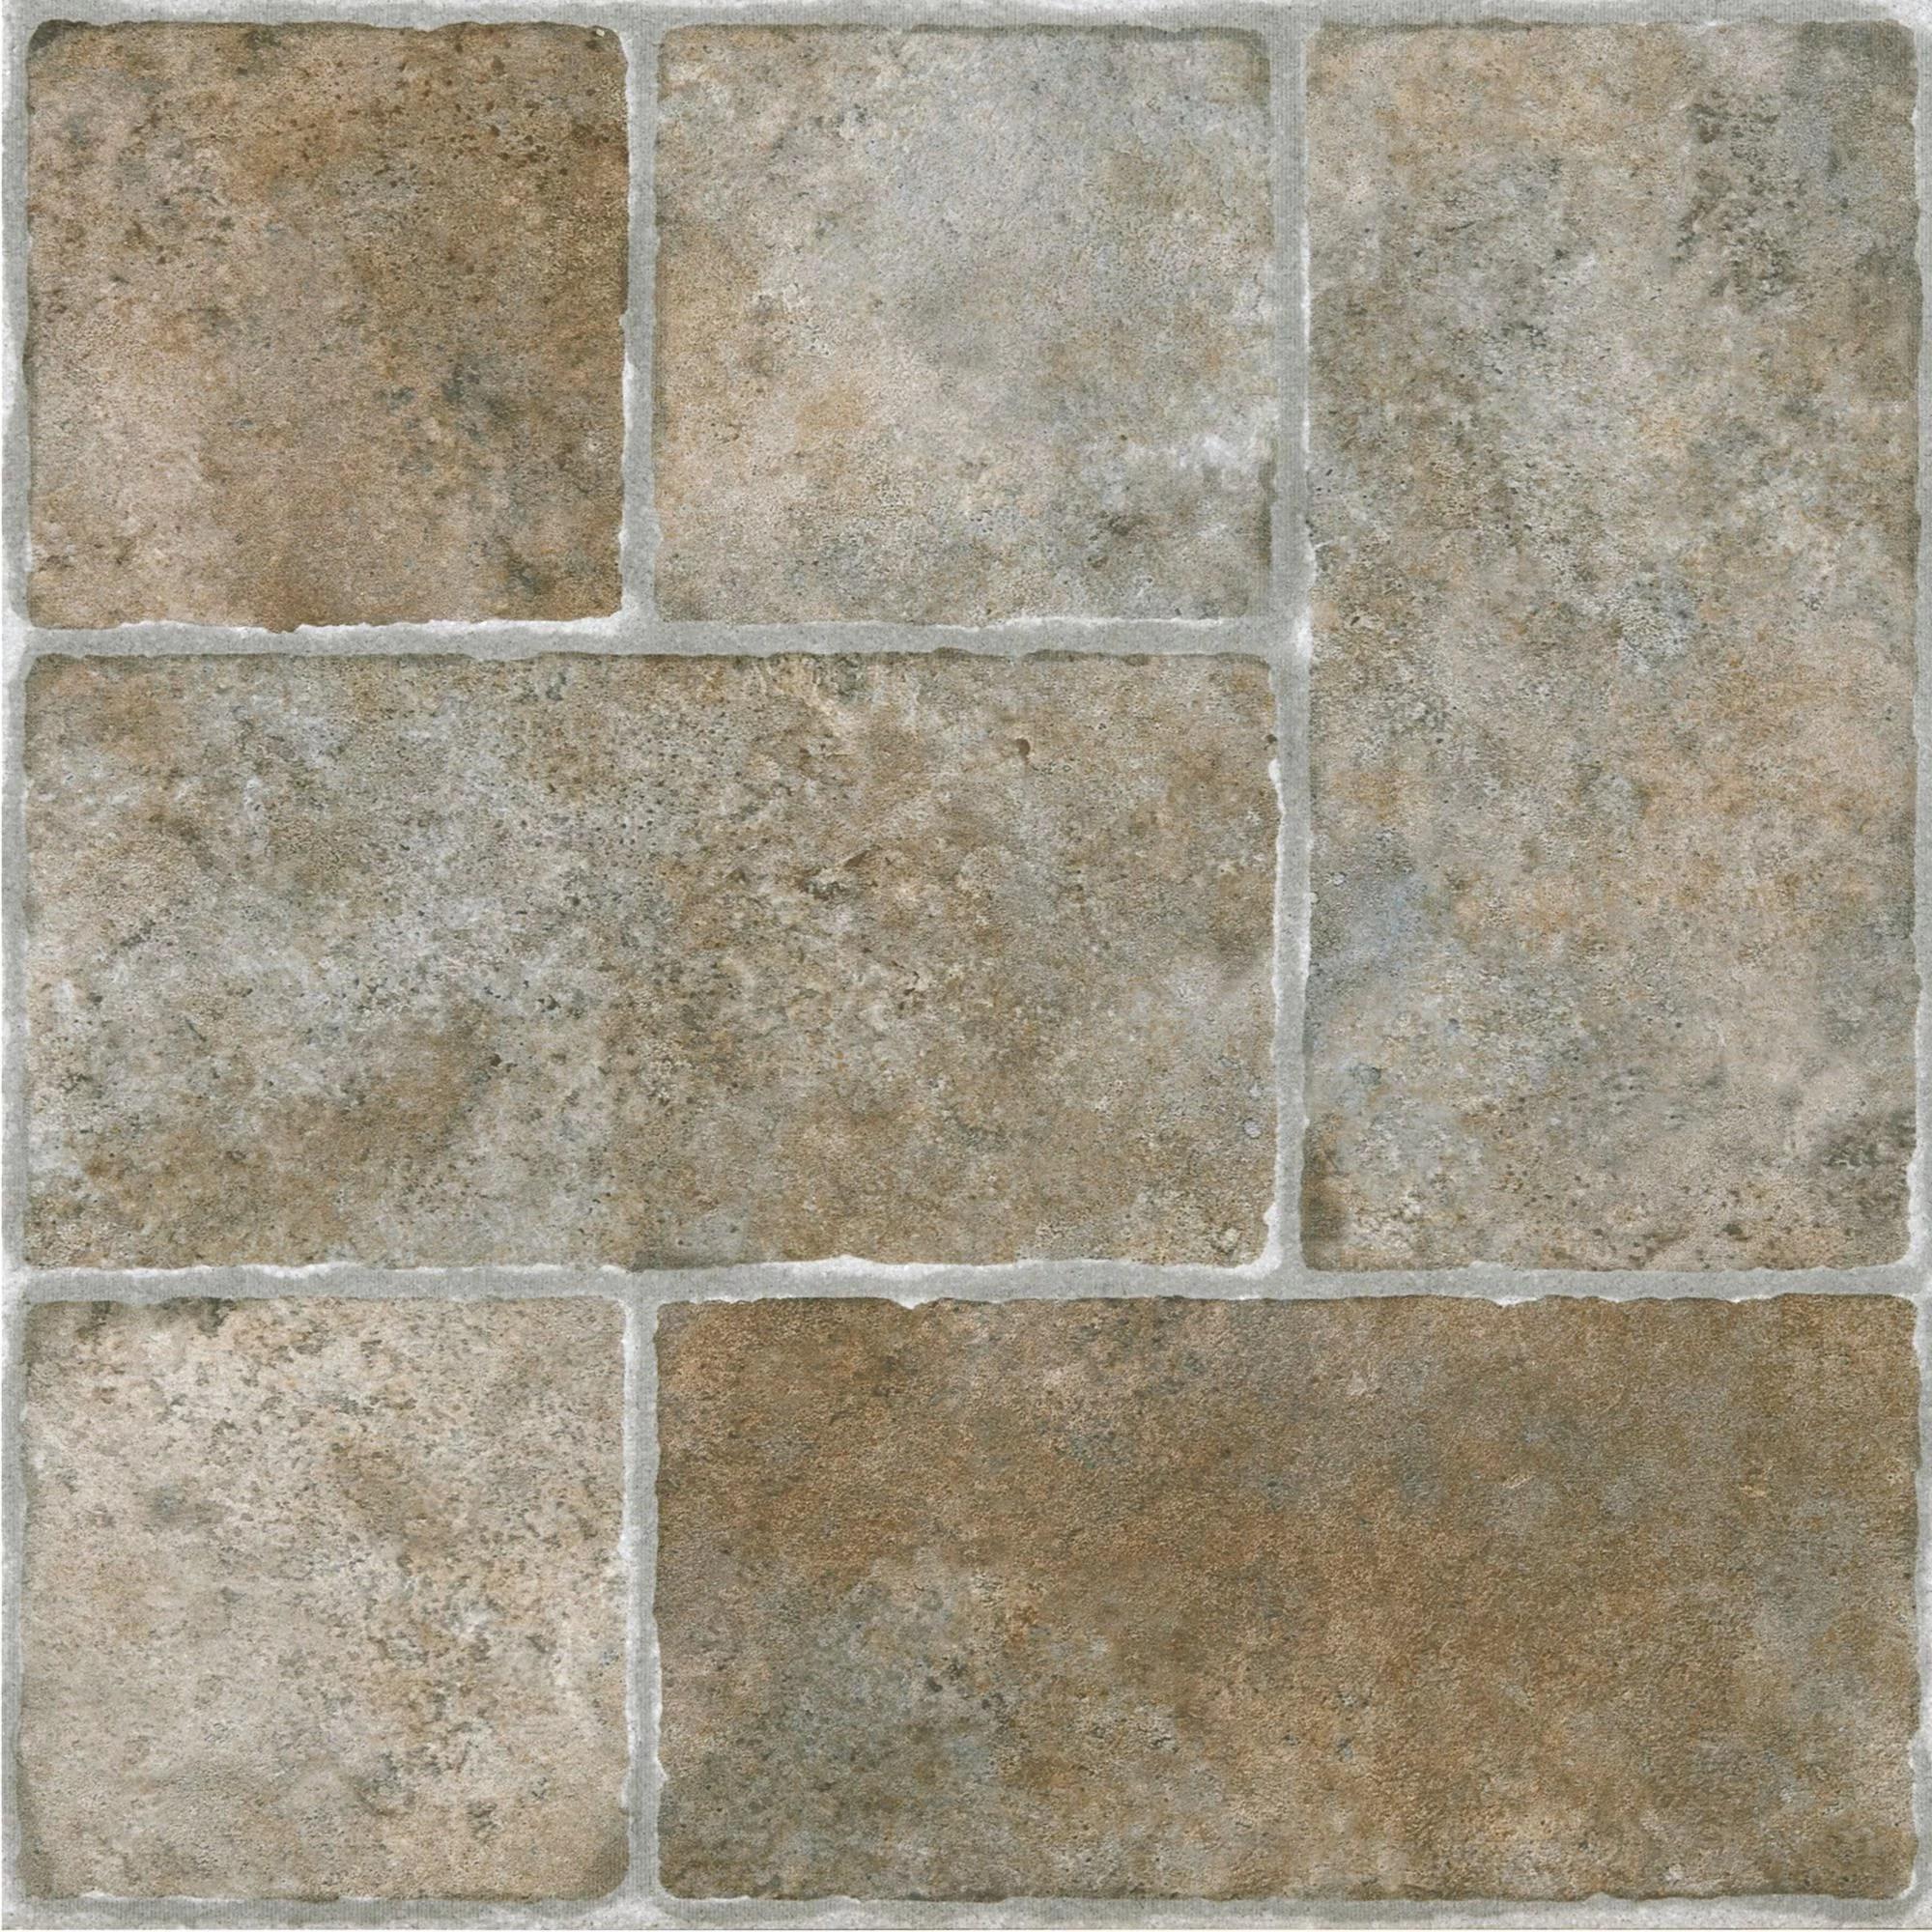 achim nexus 12 x12 1 2mm peel stick vinyl floor tiles 20 tiles 20 sq ft quartose granite